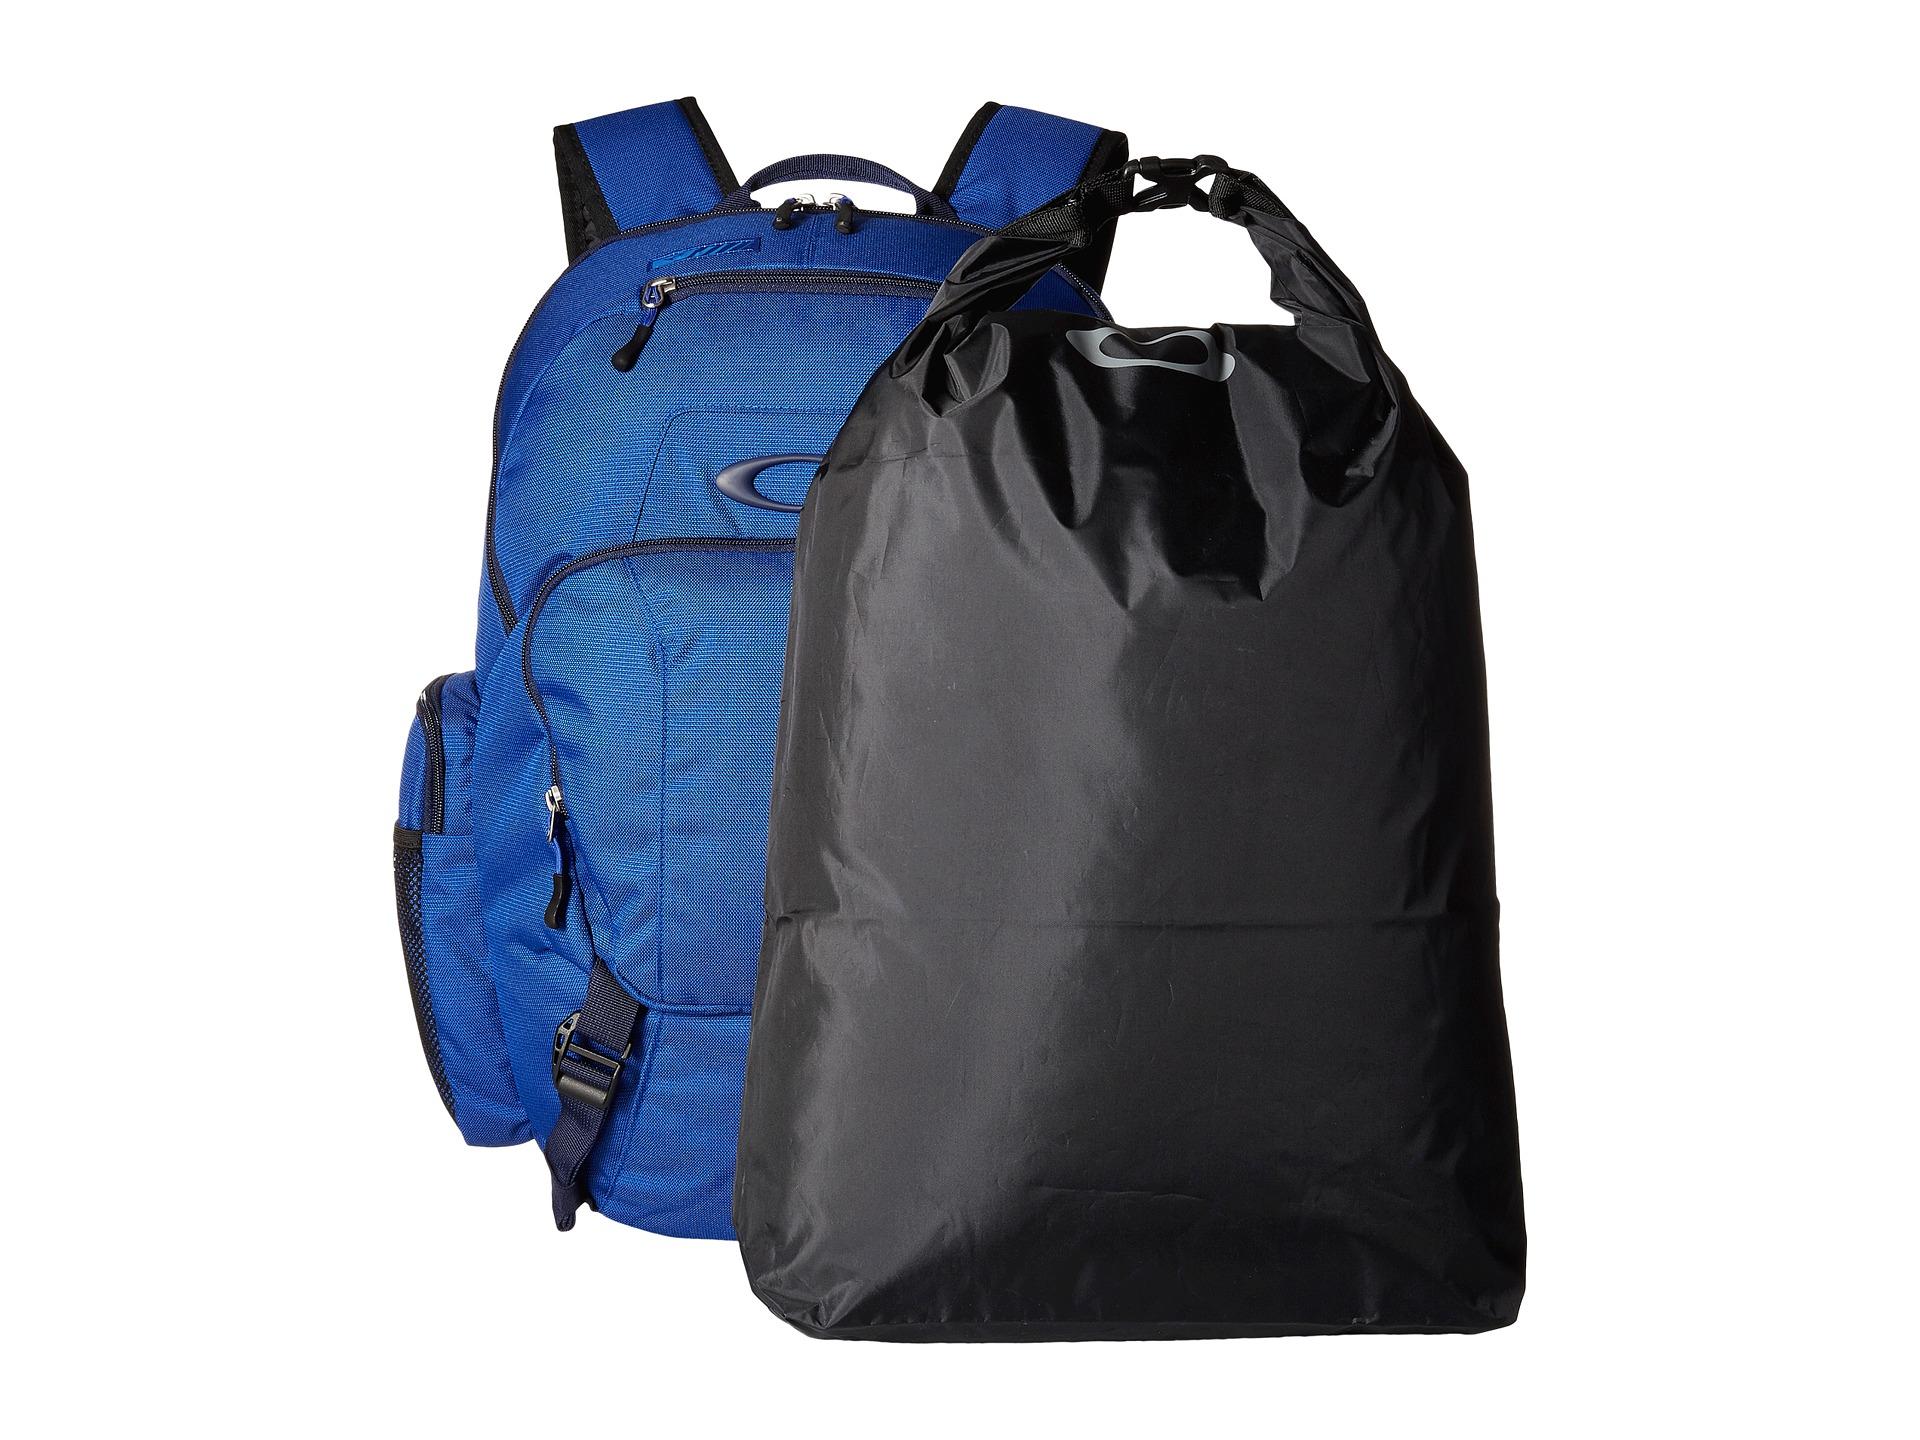 4efba51816 Lyst - Oakley Blade Wet dry 30 in Blue for Men